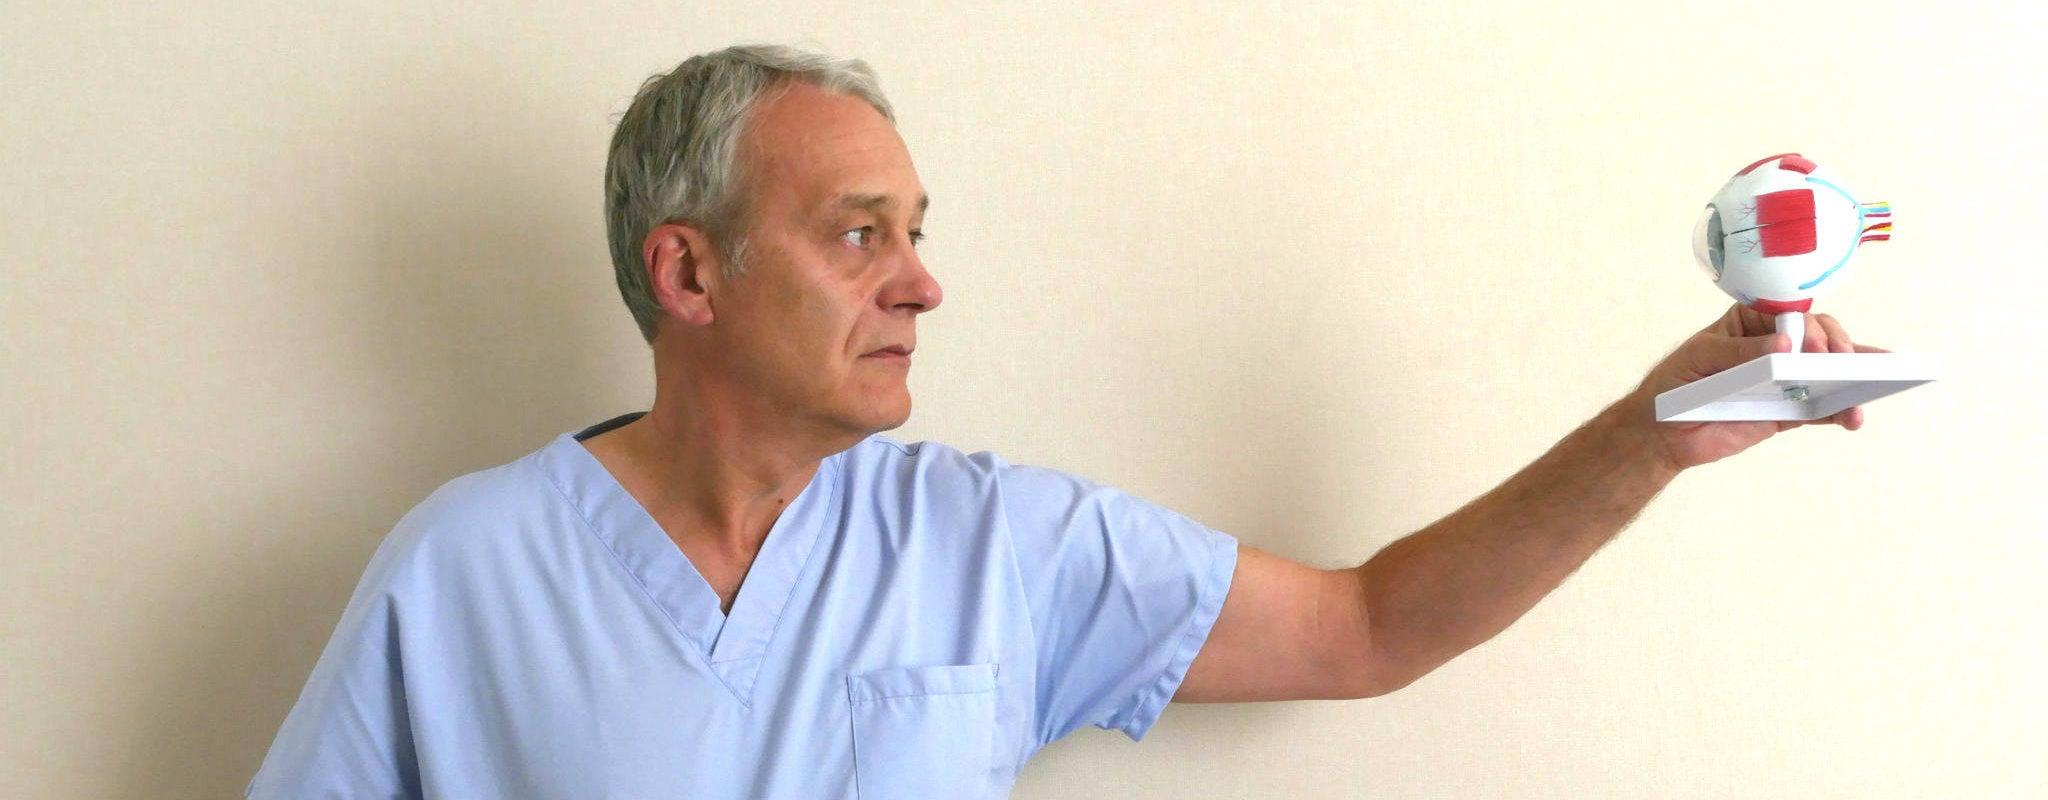 À Strasbourg, le docteur Ferrari donne des yeux bleus pour 5900 euros